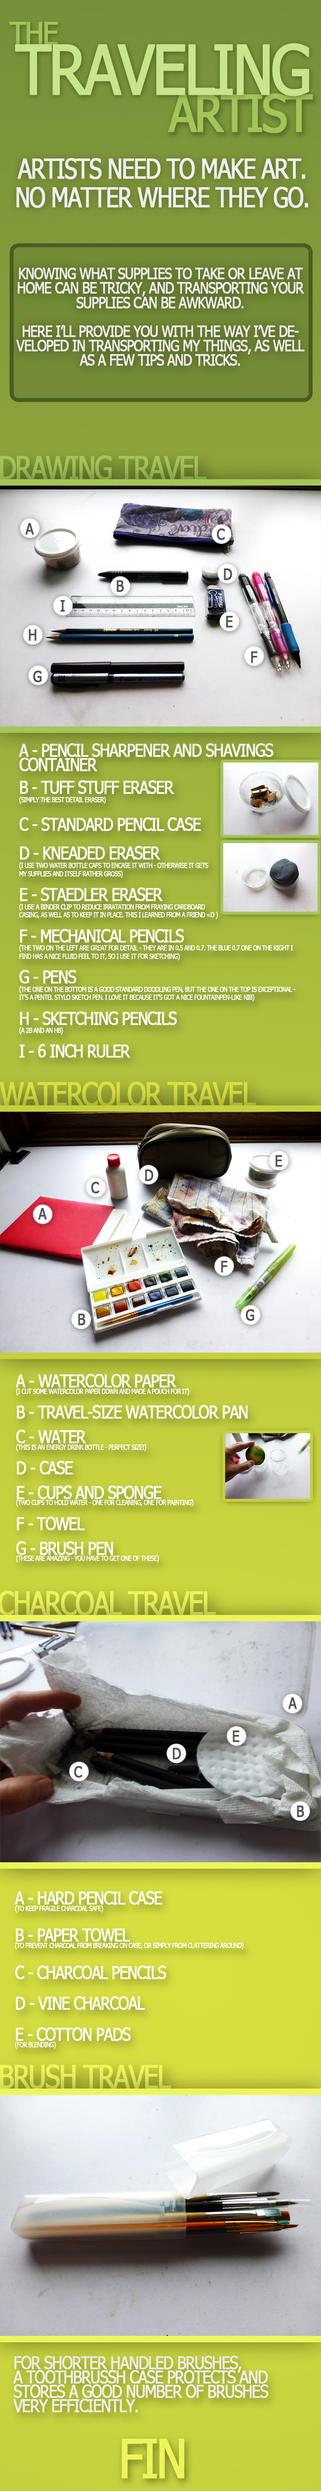 The Traveling Artist by MisttheWarrior